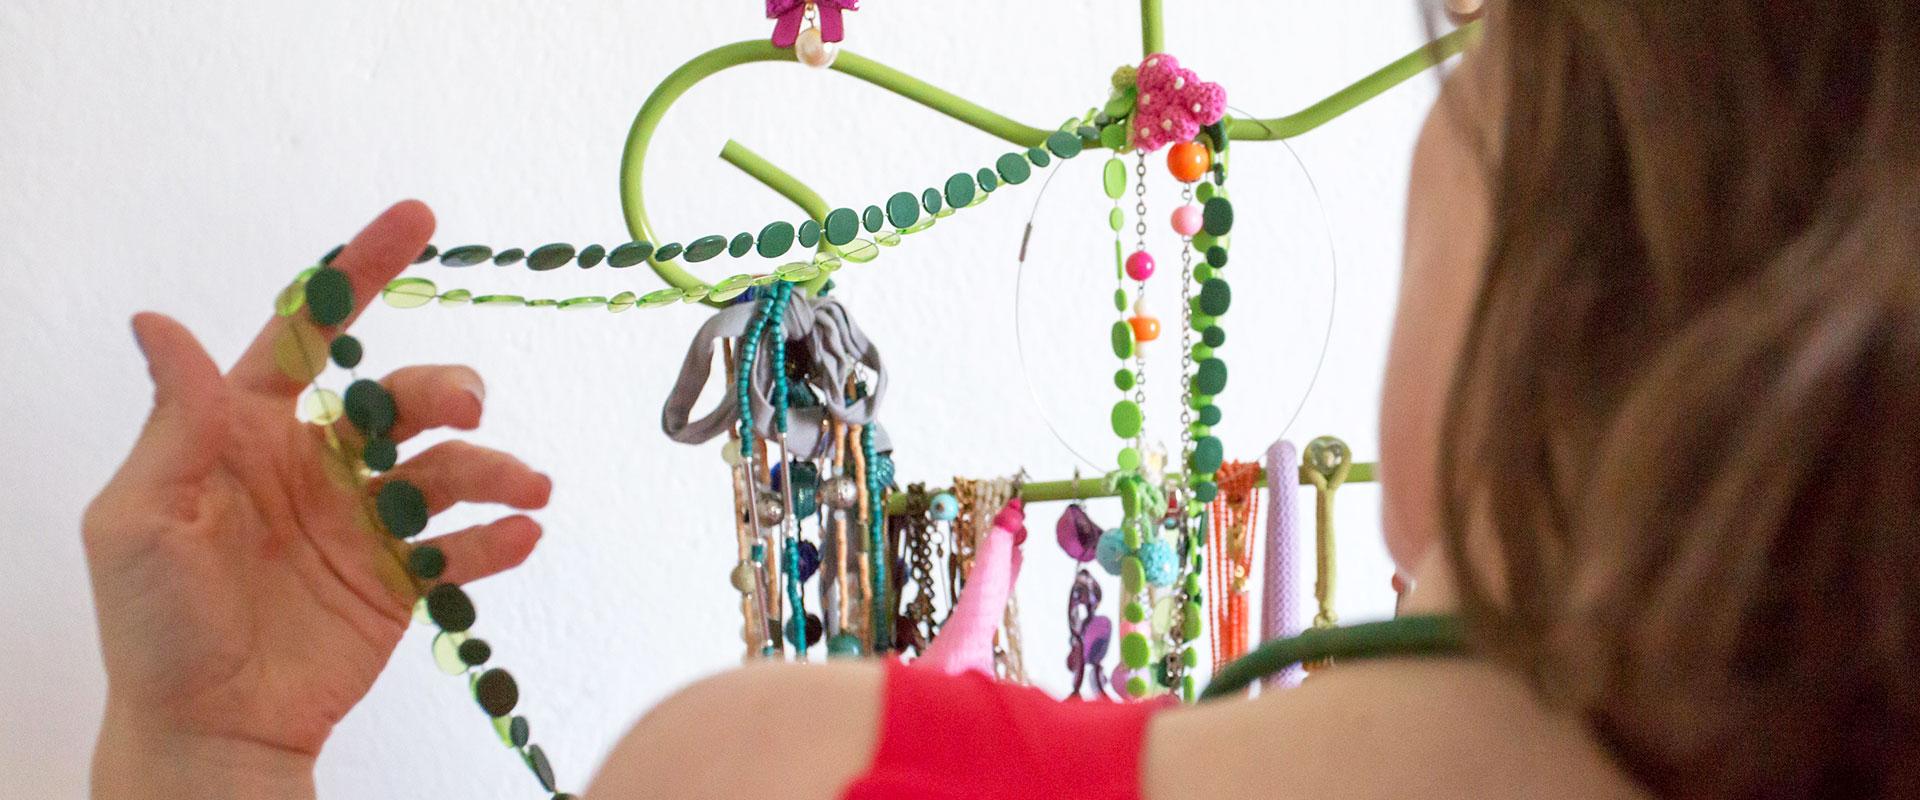 Consulenza di stile a Milano - Francesca Marini consulente di immagine